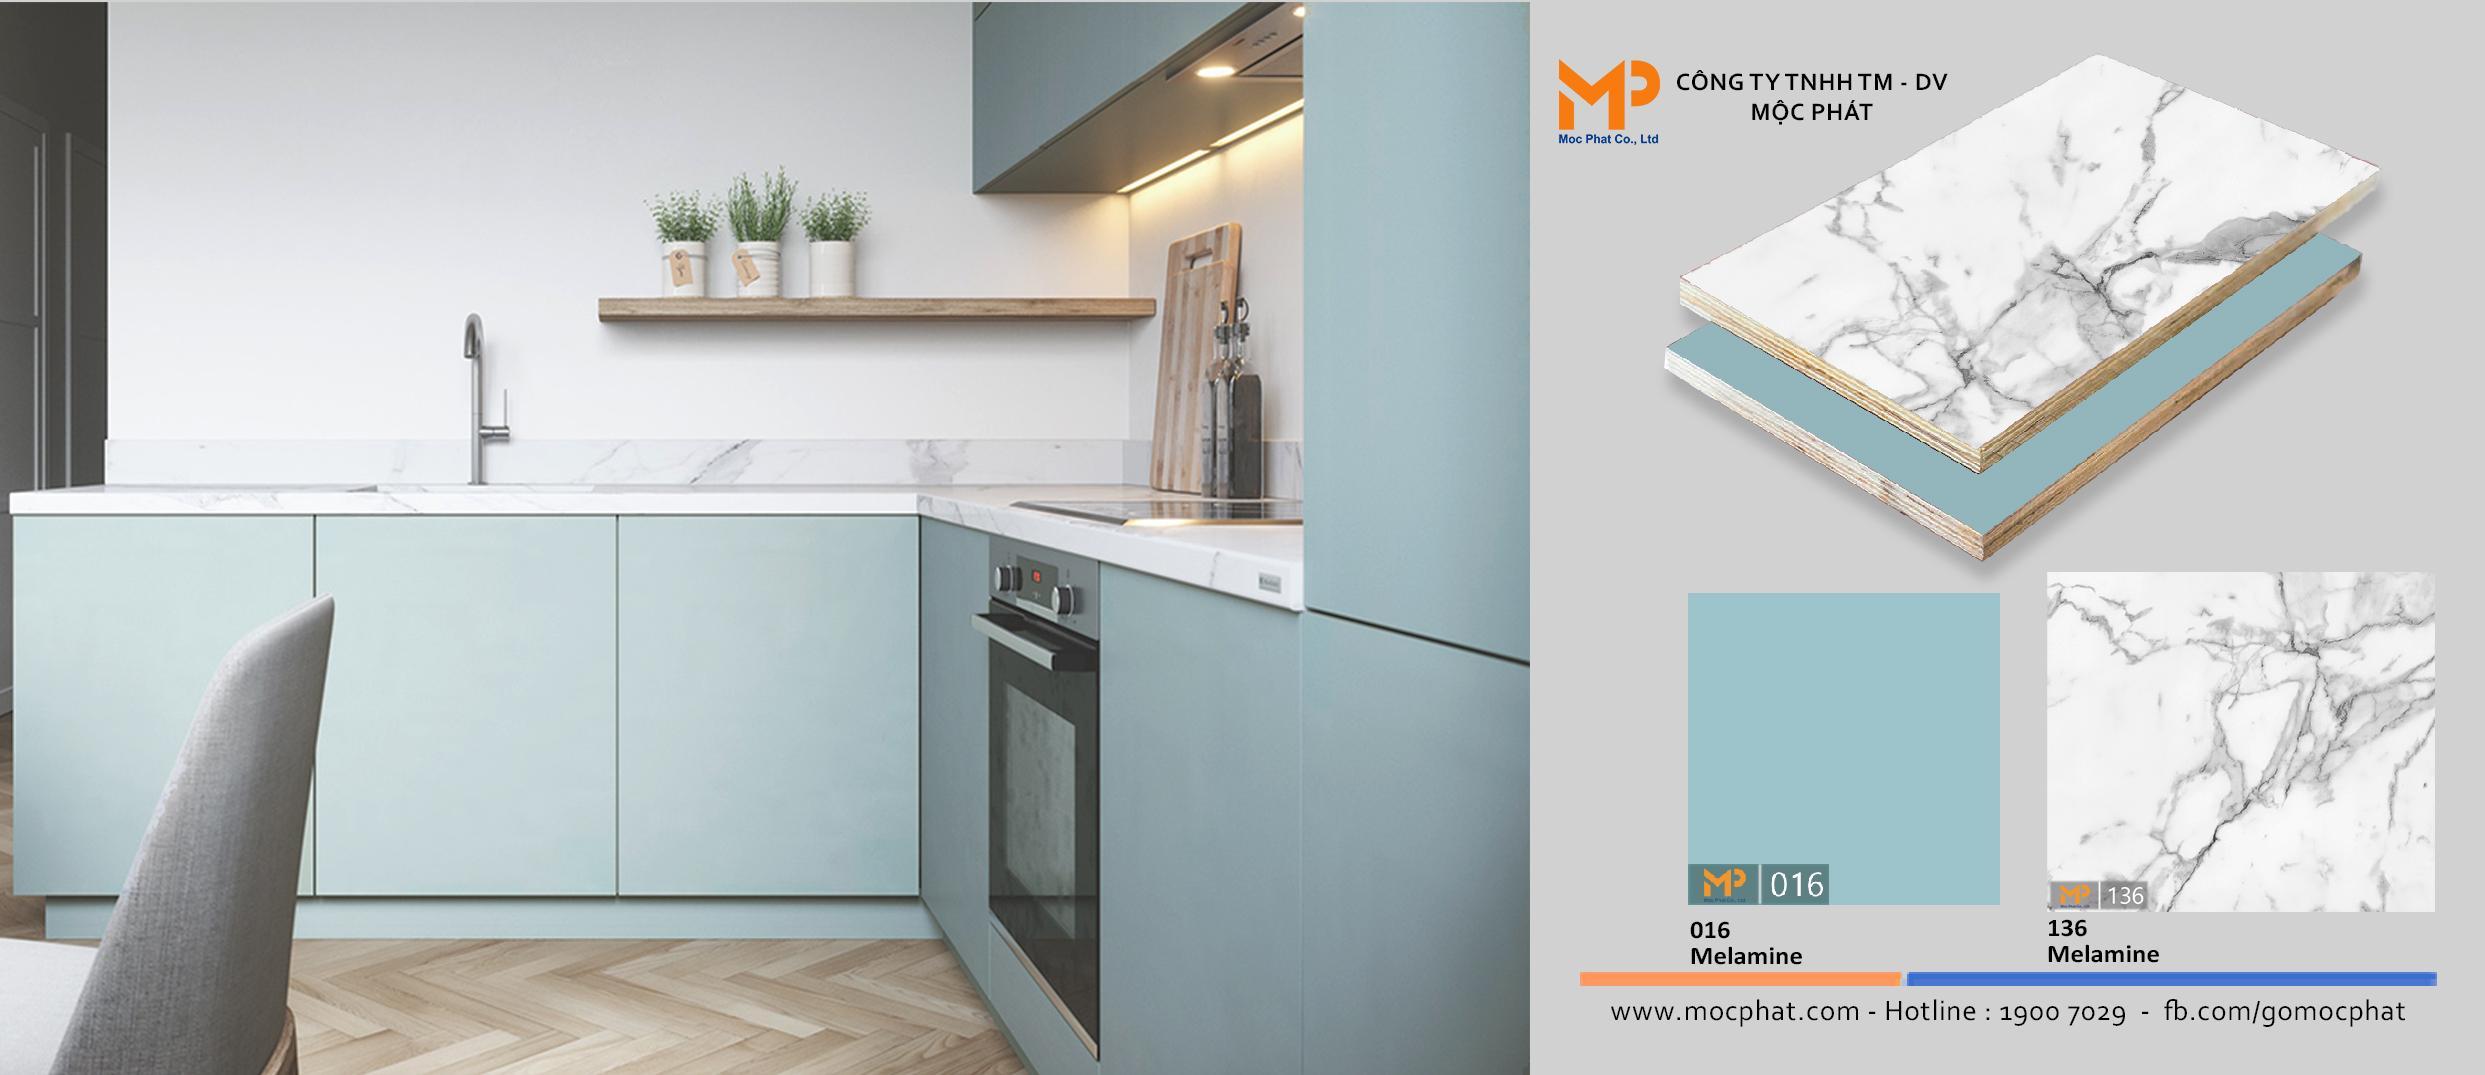 Sự kết hợp giữa Plywood phủ melamine màu pastel và vân đá cho không gian thêm phần thanh lịch